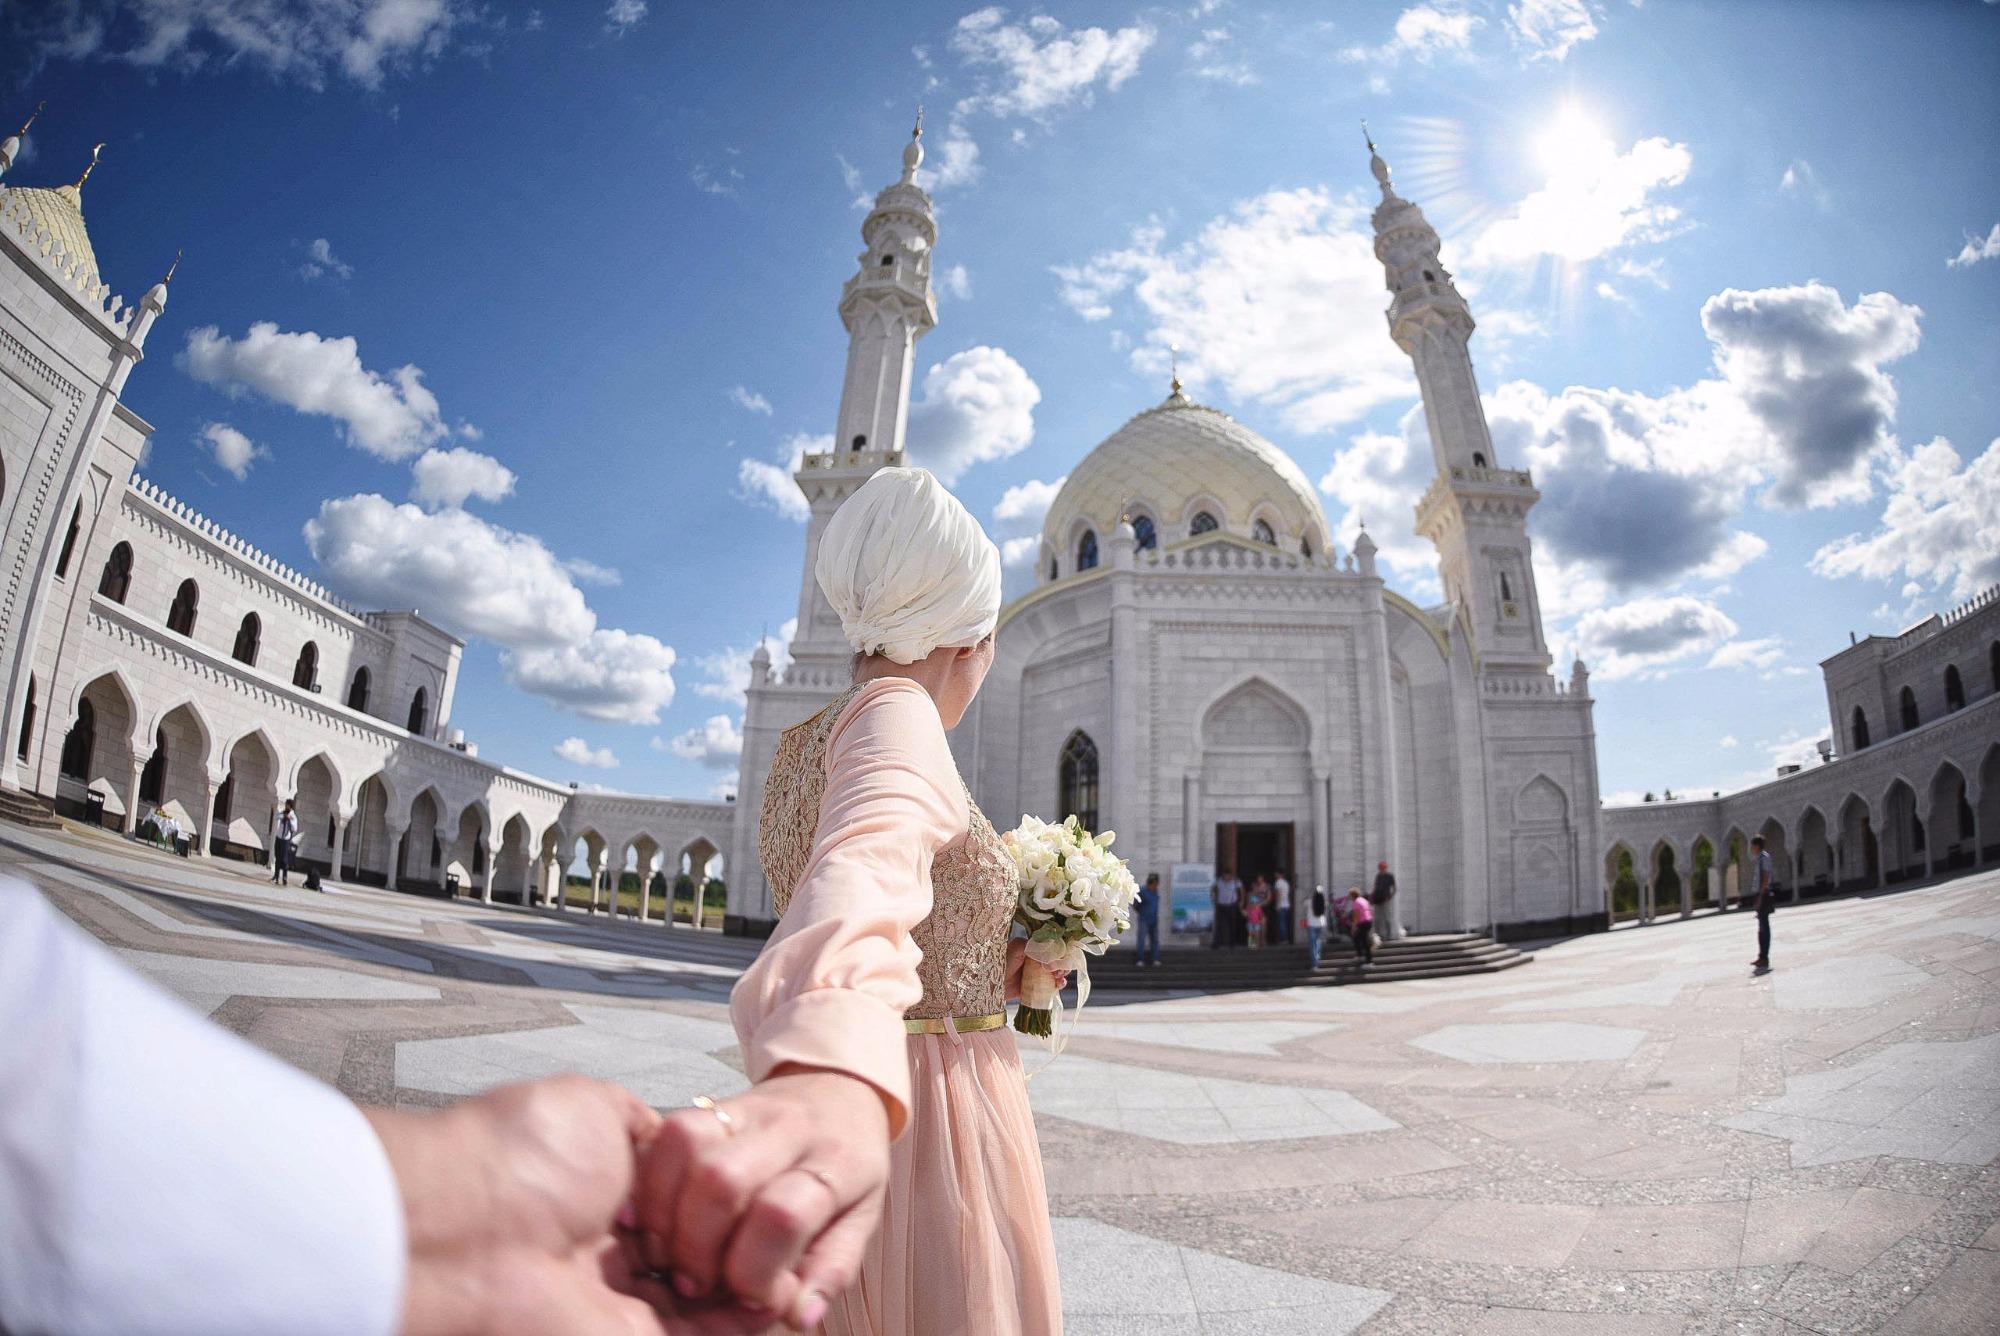 красивые картинки с мечетью на аву снят фотографии